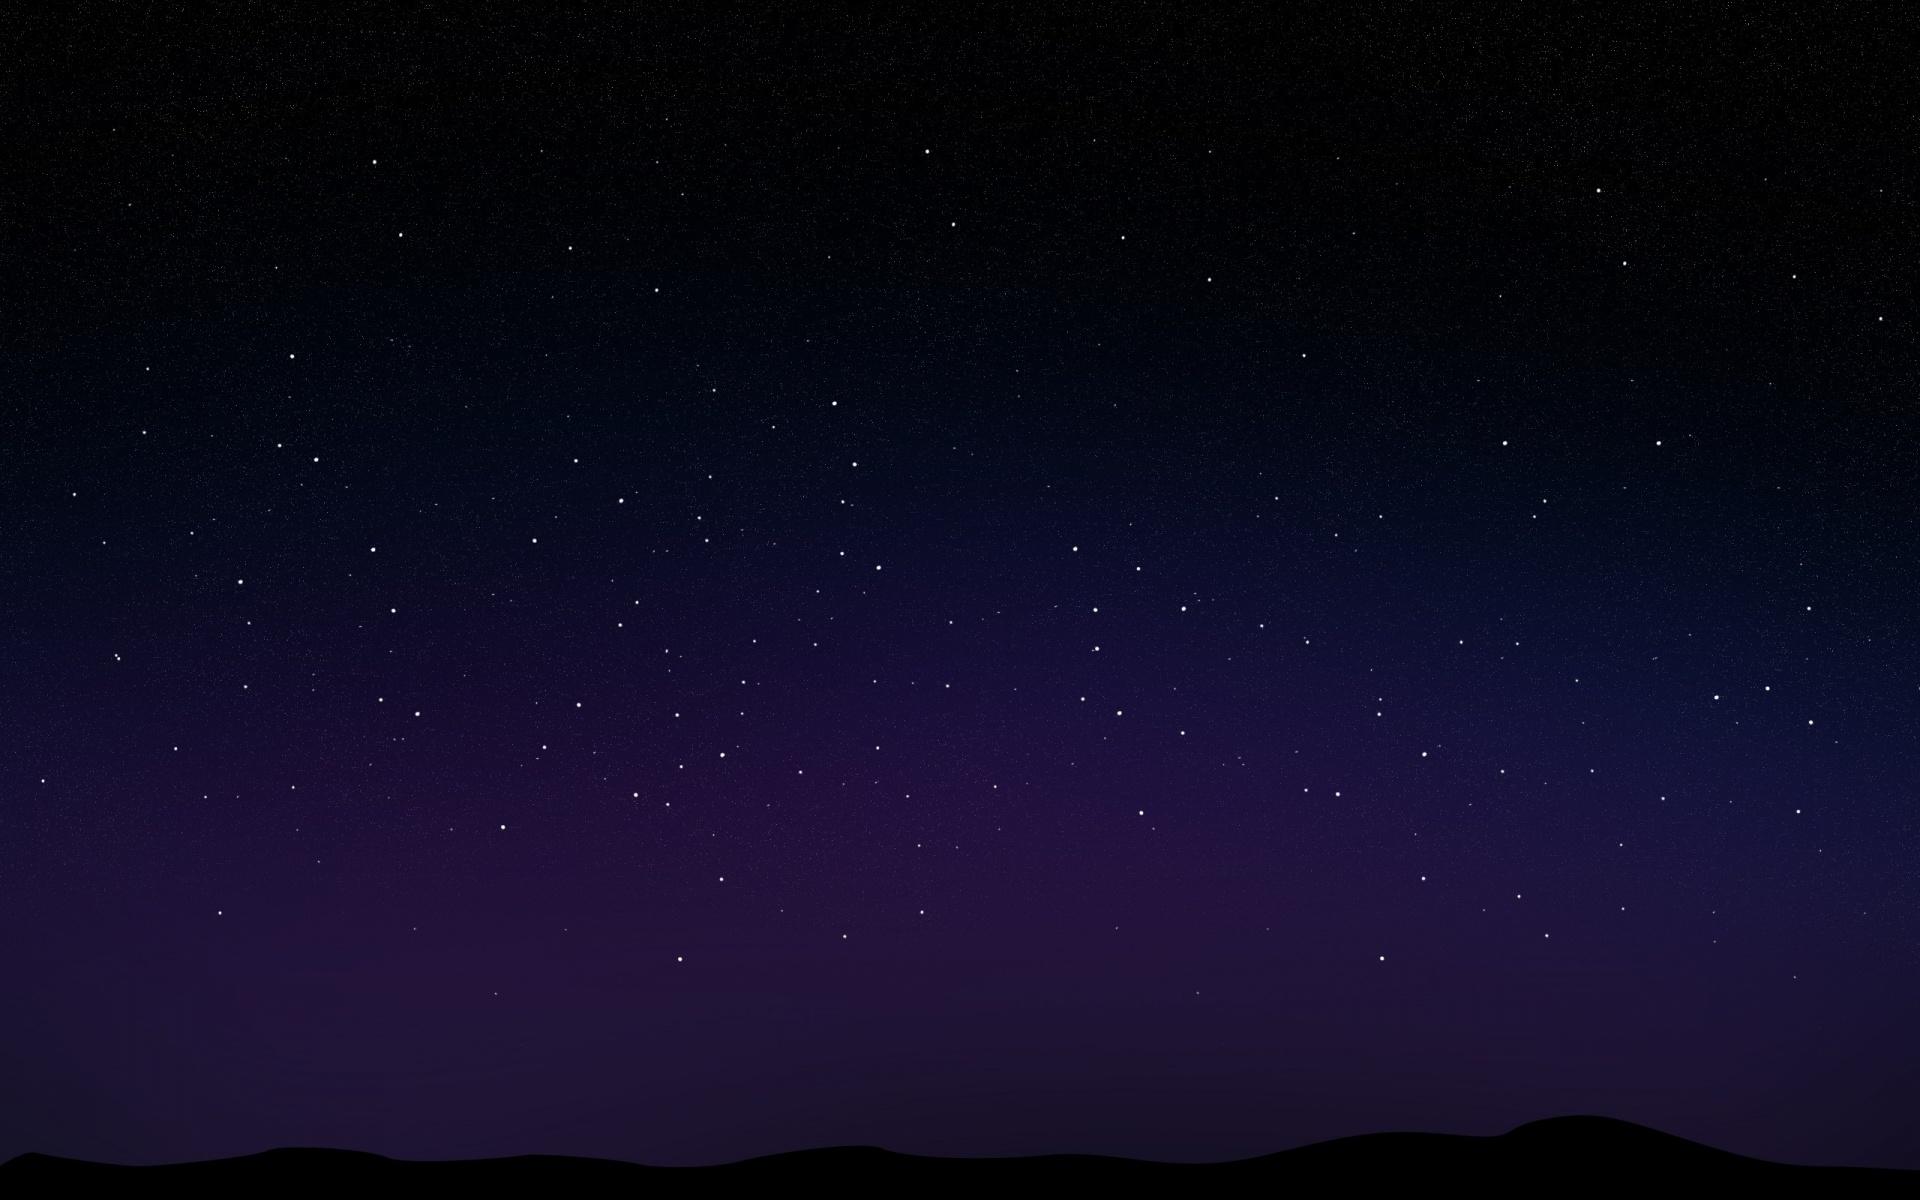 Dark Starry Night Sky wallpaper   ForWallpapercom 1920x1200